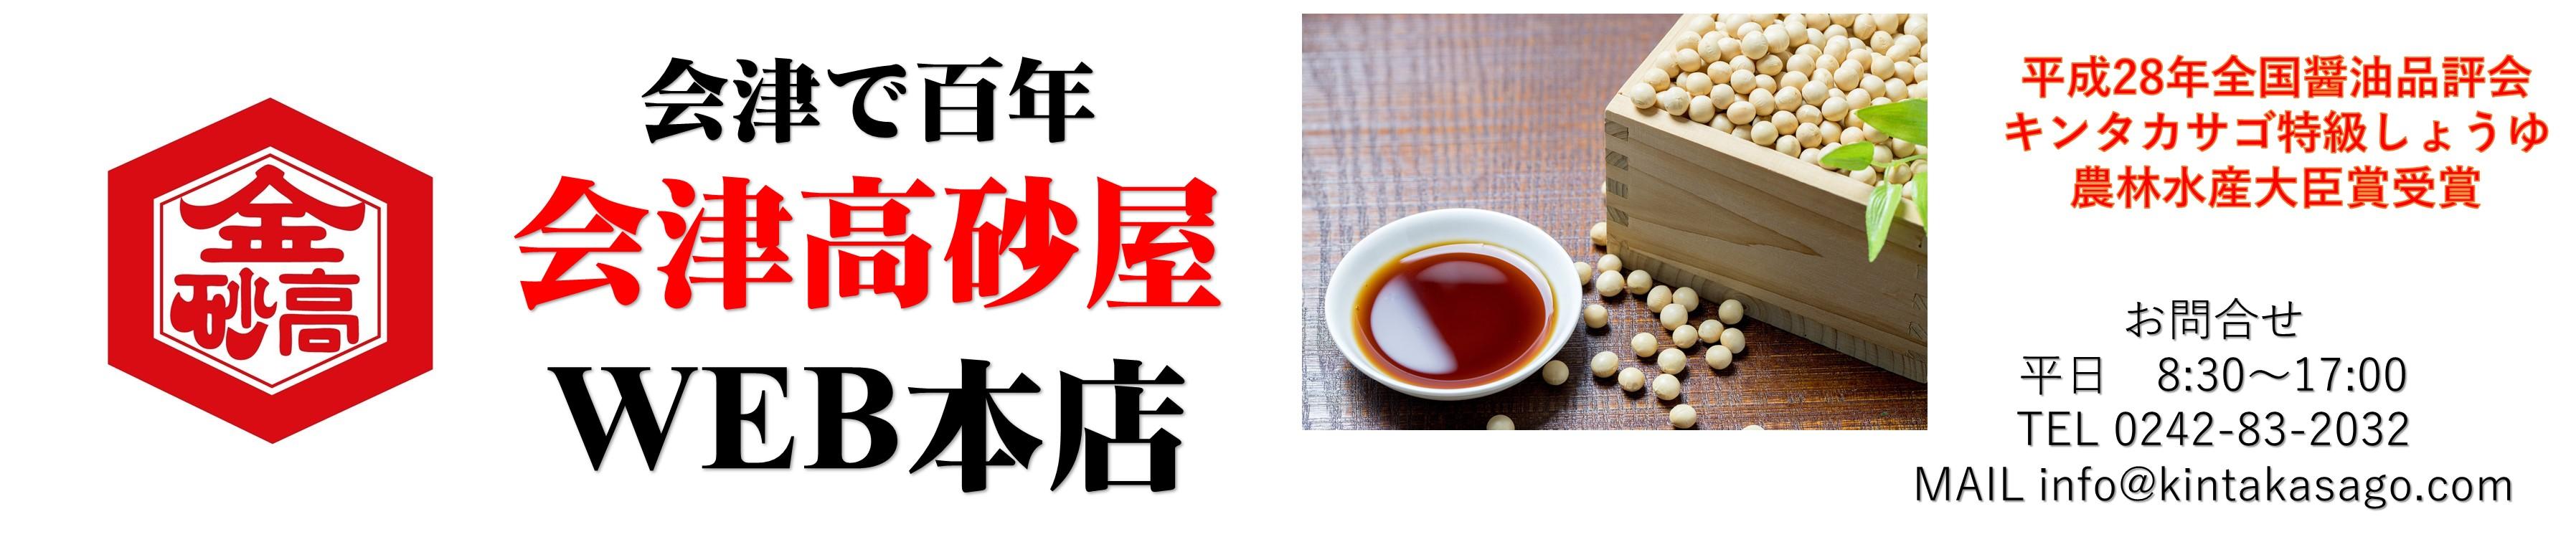 キンタカサゴ醤油と郷土の味を会津からお届け「会津高砂屋」